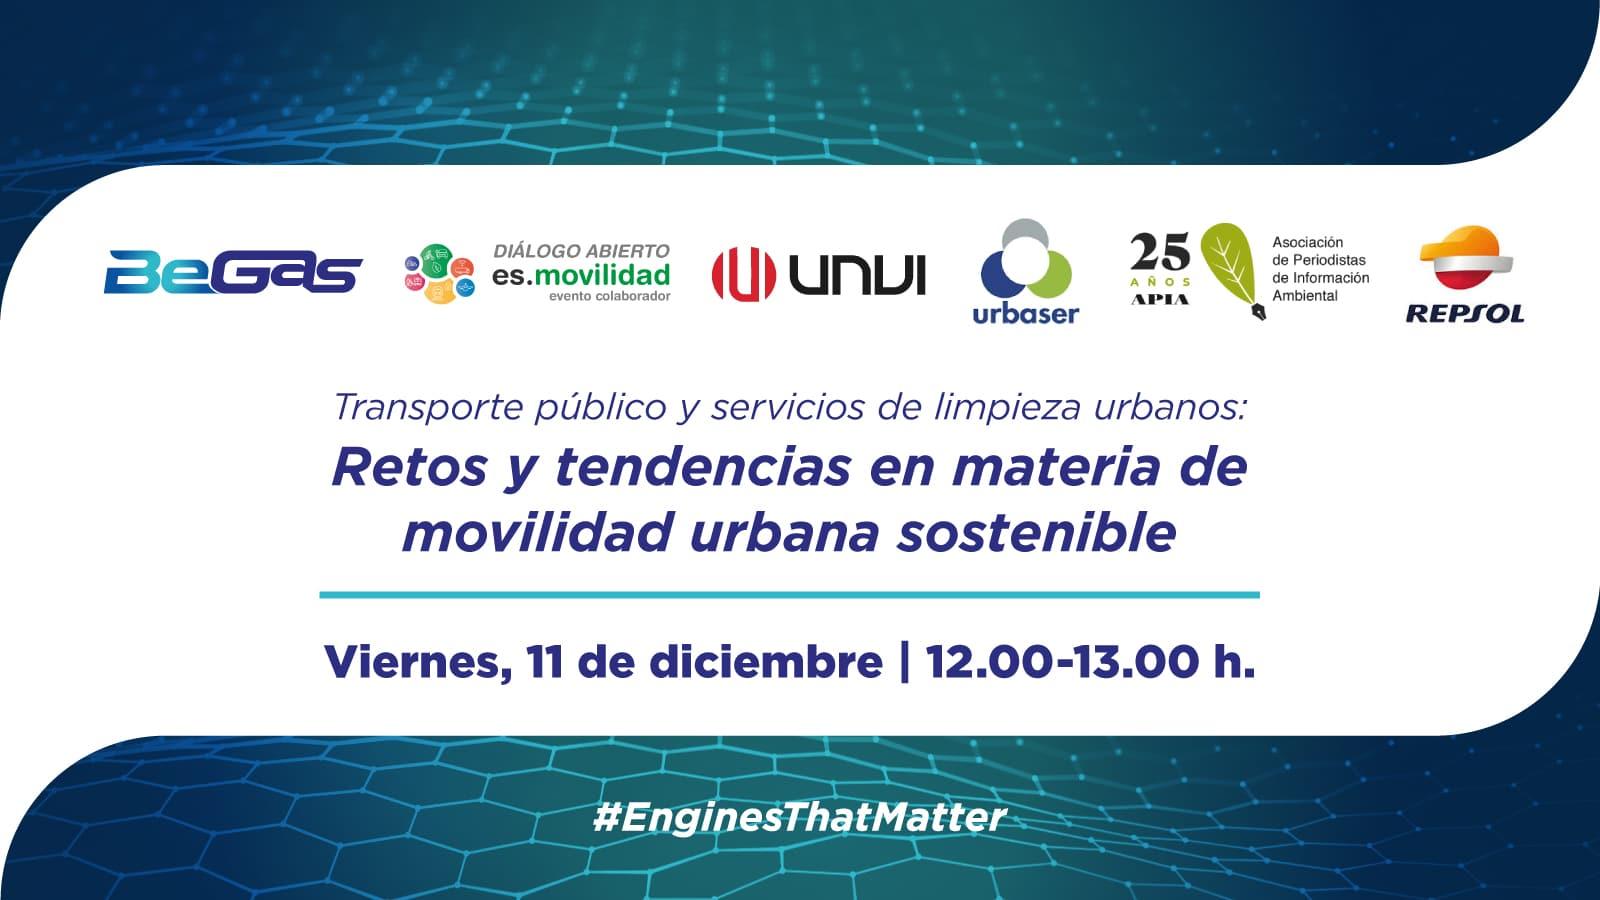 BeGas se une al Ministerio de Transportes, Movilidad y Agenda Urbana para analizar los retos en materia de movilidad urbana sostenible